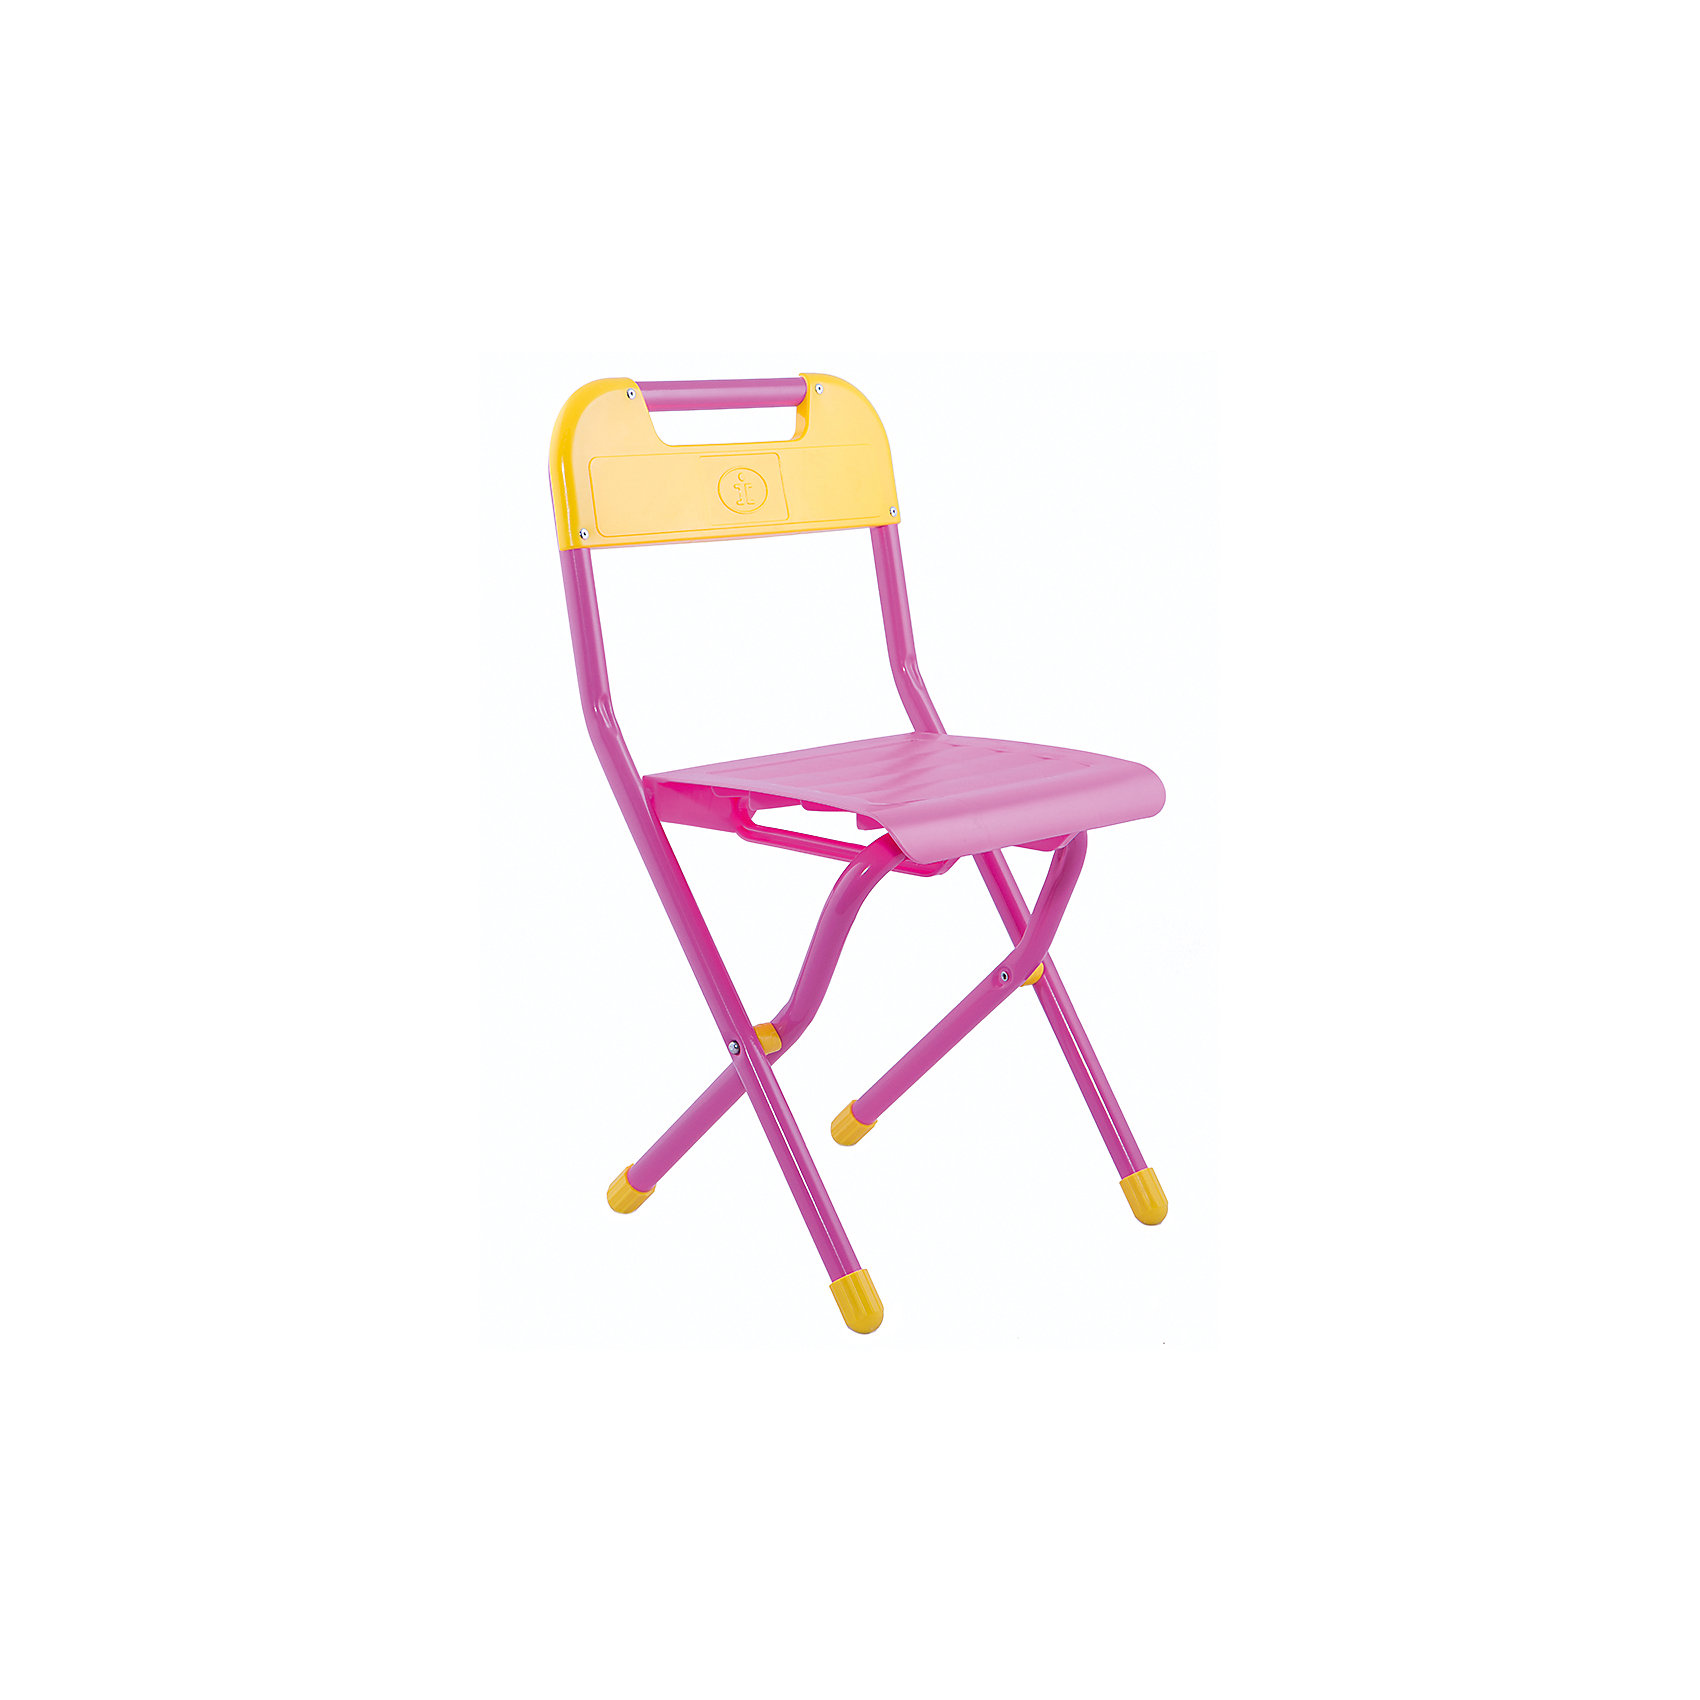 Стул (3-7 лет), Дэми, розовыйМебель<br>Складной стул - незаменимый атрибут любой детской комнаты. Стул очень удобный и прочный, яркая расцветка обязательно понравится детям и отлично впишется в интерьер. Стул быстро раскладывается и складывается, в сложенном виде занимает мало места. Прочное алюминиевое основание и пластиковое сиденье и спинку удобно мыть. Прекрасно подходит для организации детских игр и отдыха. <br><br>Дополнительная информация:<br><br>- Размер: 33х60х32 см.<br>- Высота от пола до сиденья: 34 см. <br>- Материал: пластик, алюминий. <br>- Цвет: розовый.<br>- Складывается. <br>- Максимальный вес: 30 кг.<br><br>Розовый стул (3-7 лет) можно купить в нашем магазине.<br><br>Ширина мм: 730<br>Глубина мм: 340<br>Высота мм: 110<br>Вес г: 1500<br>Возраст от месяцев: 36<br>Возраст до месяцев: 84<br>Пол: Женский<br>Возраст: Детский<br>SKU: 4306478